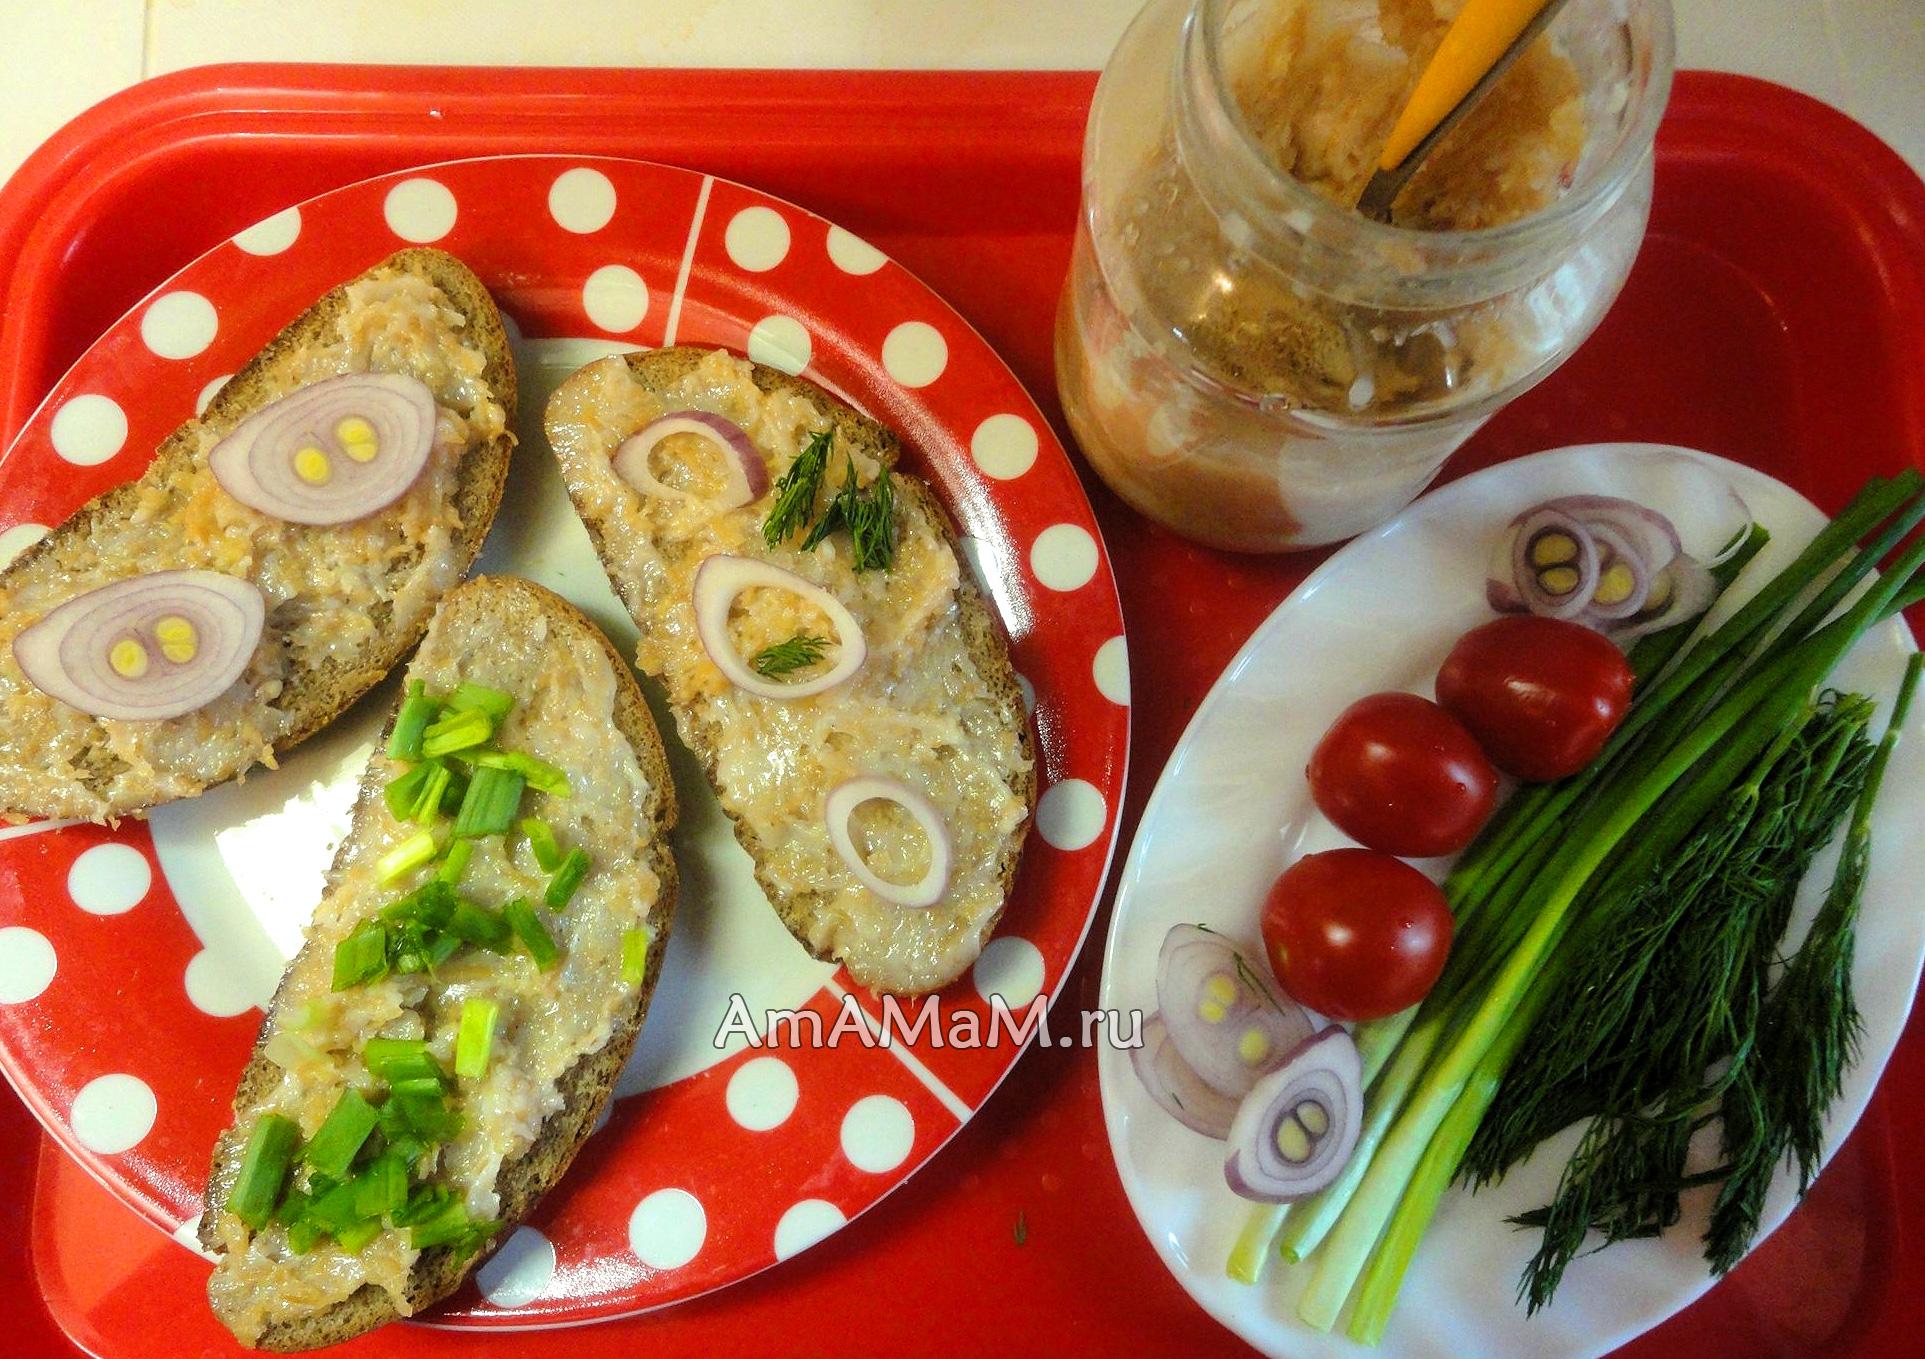 Смалец рецепт приготовления с чесноком рецепт приготовления кальмаров с майонезом и